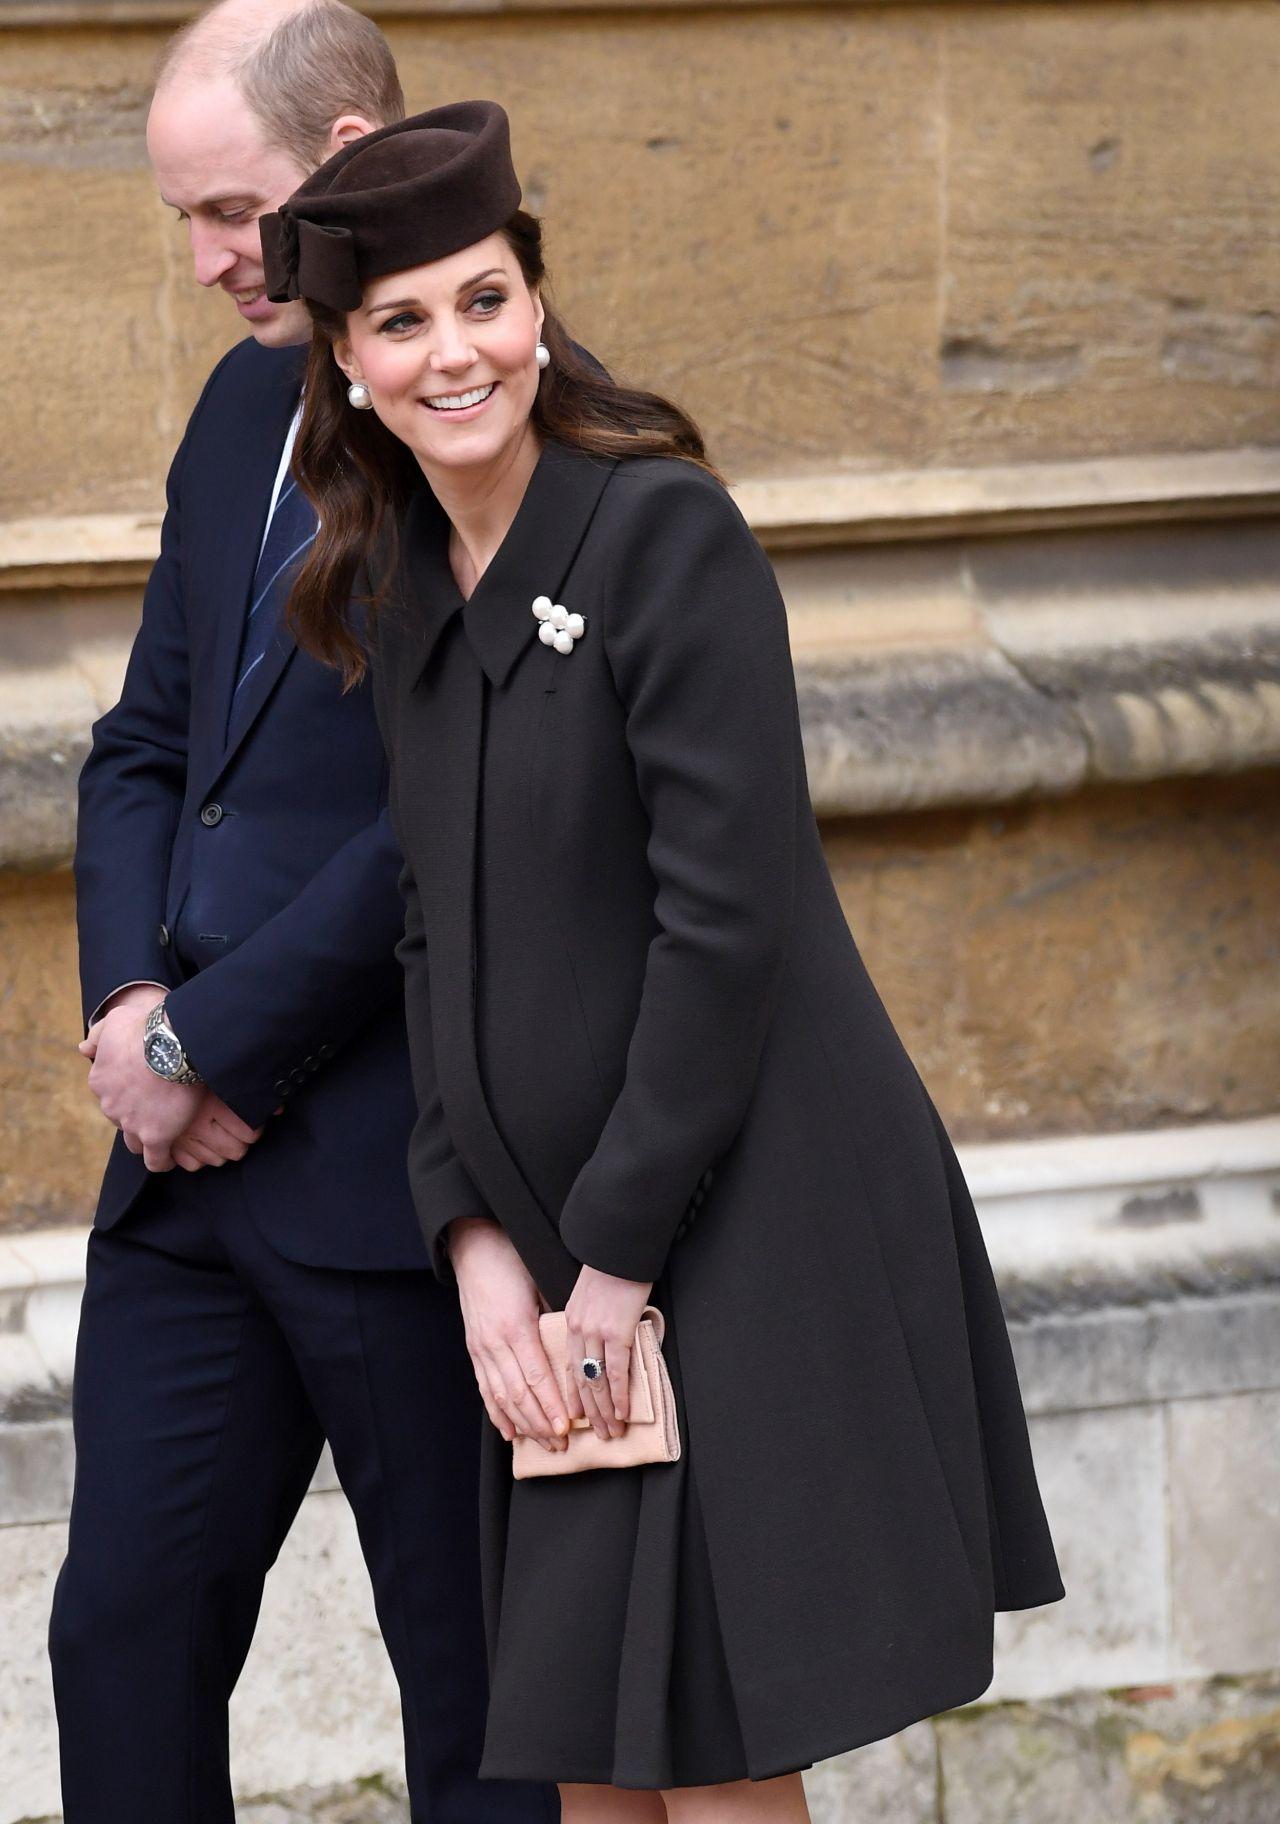 Kate Middleton Easter Service In Windsor England 04 01 2018